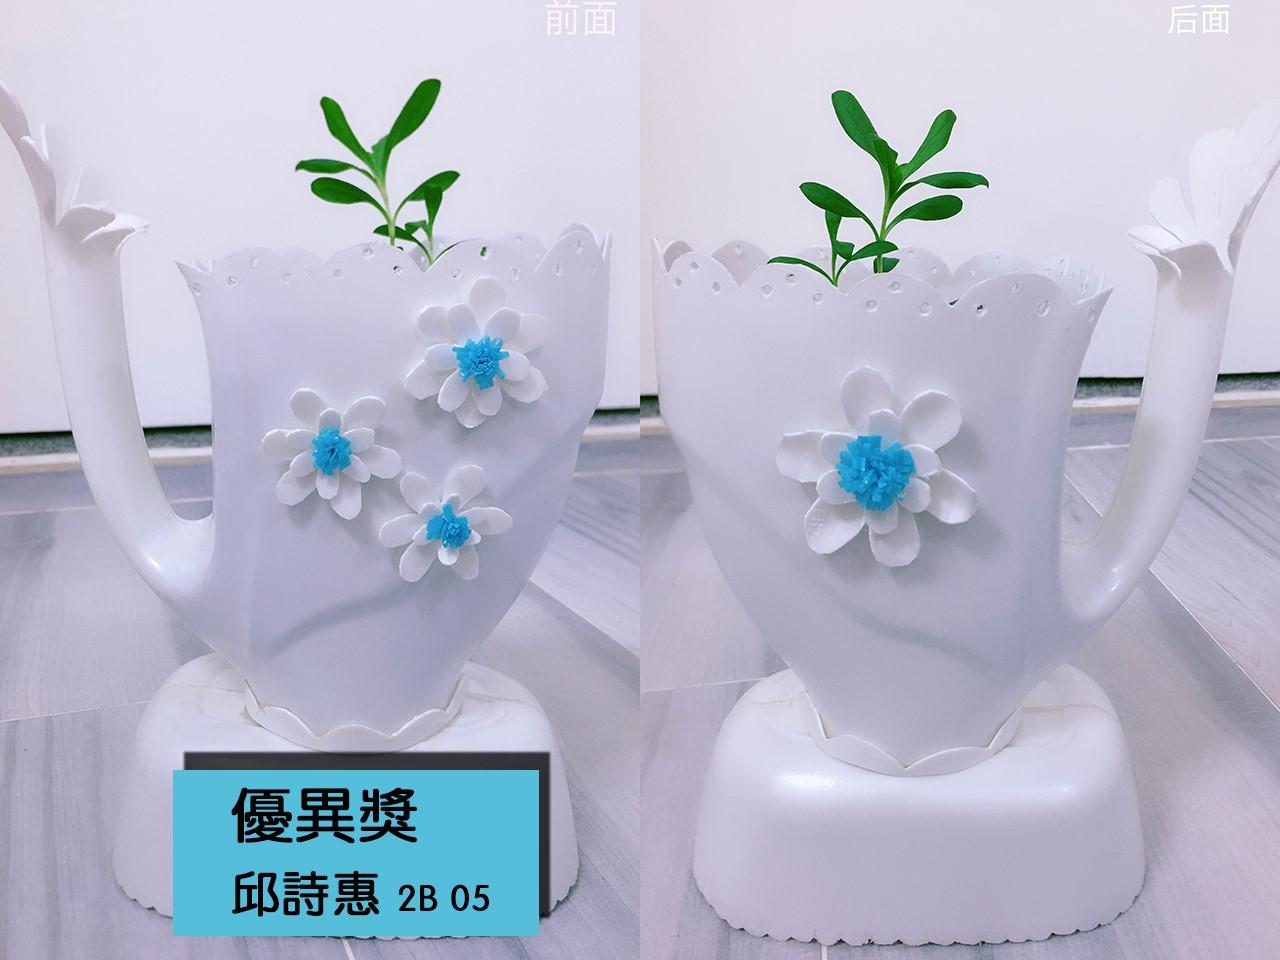 https://plkcjy.edu.hk/sites/default/files/you_yi_jiang_99_2b_05_qiu_shi_hui_.jpg